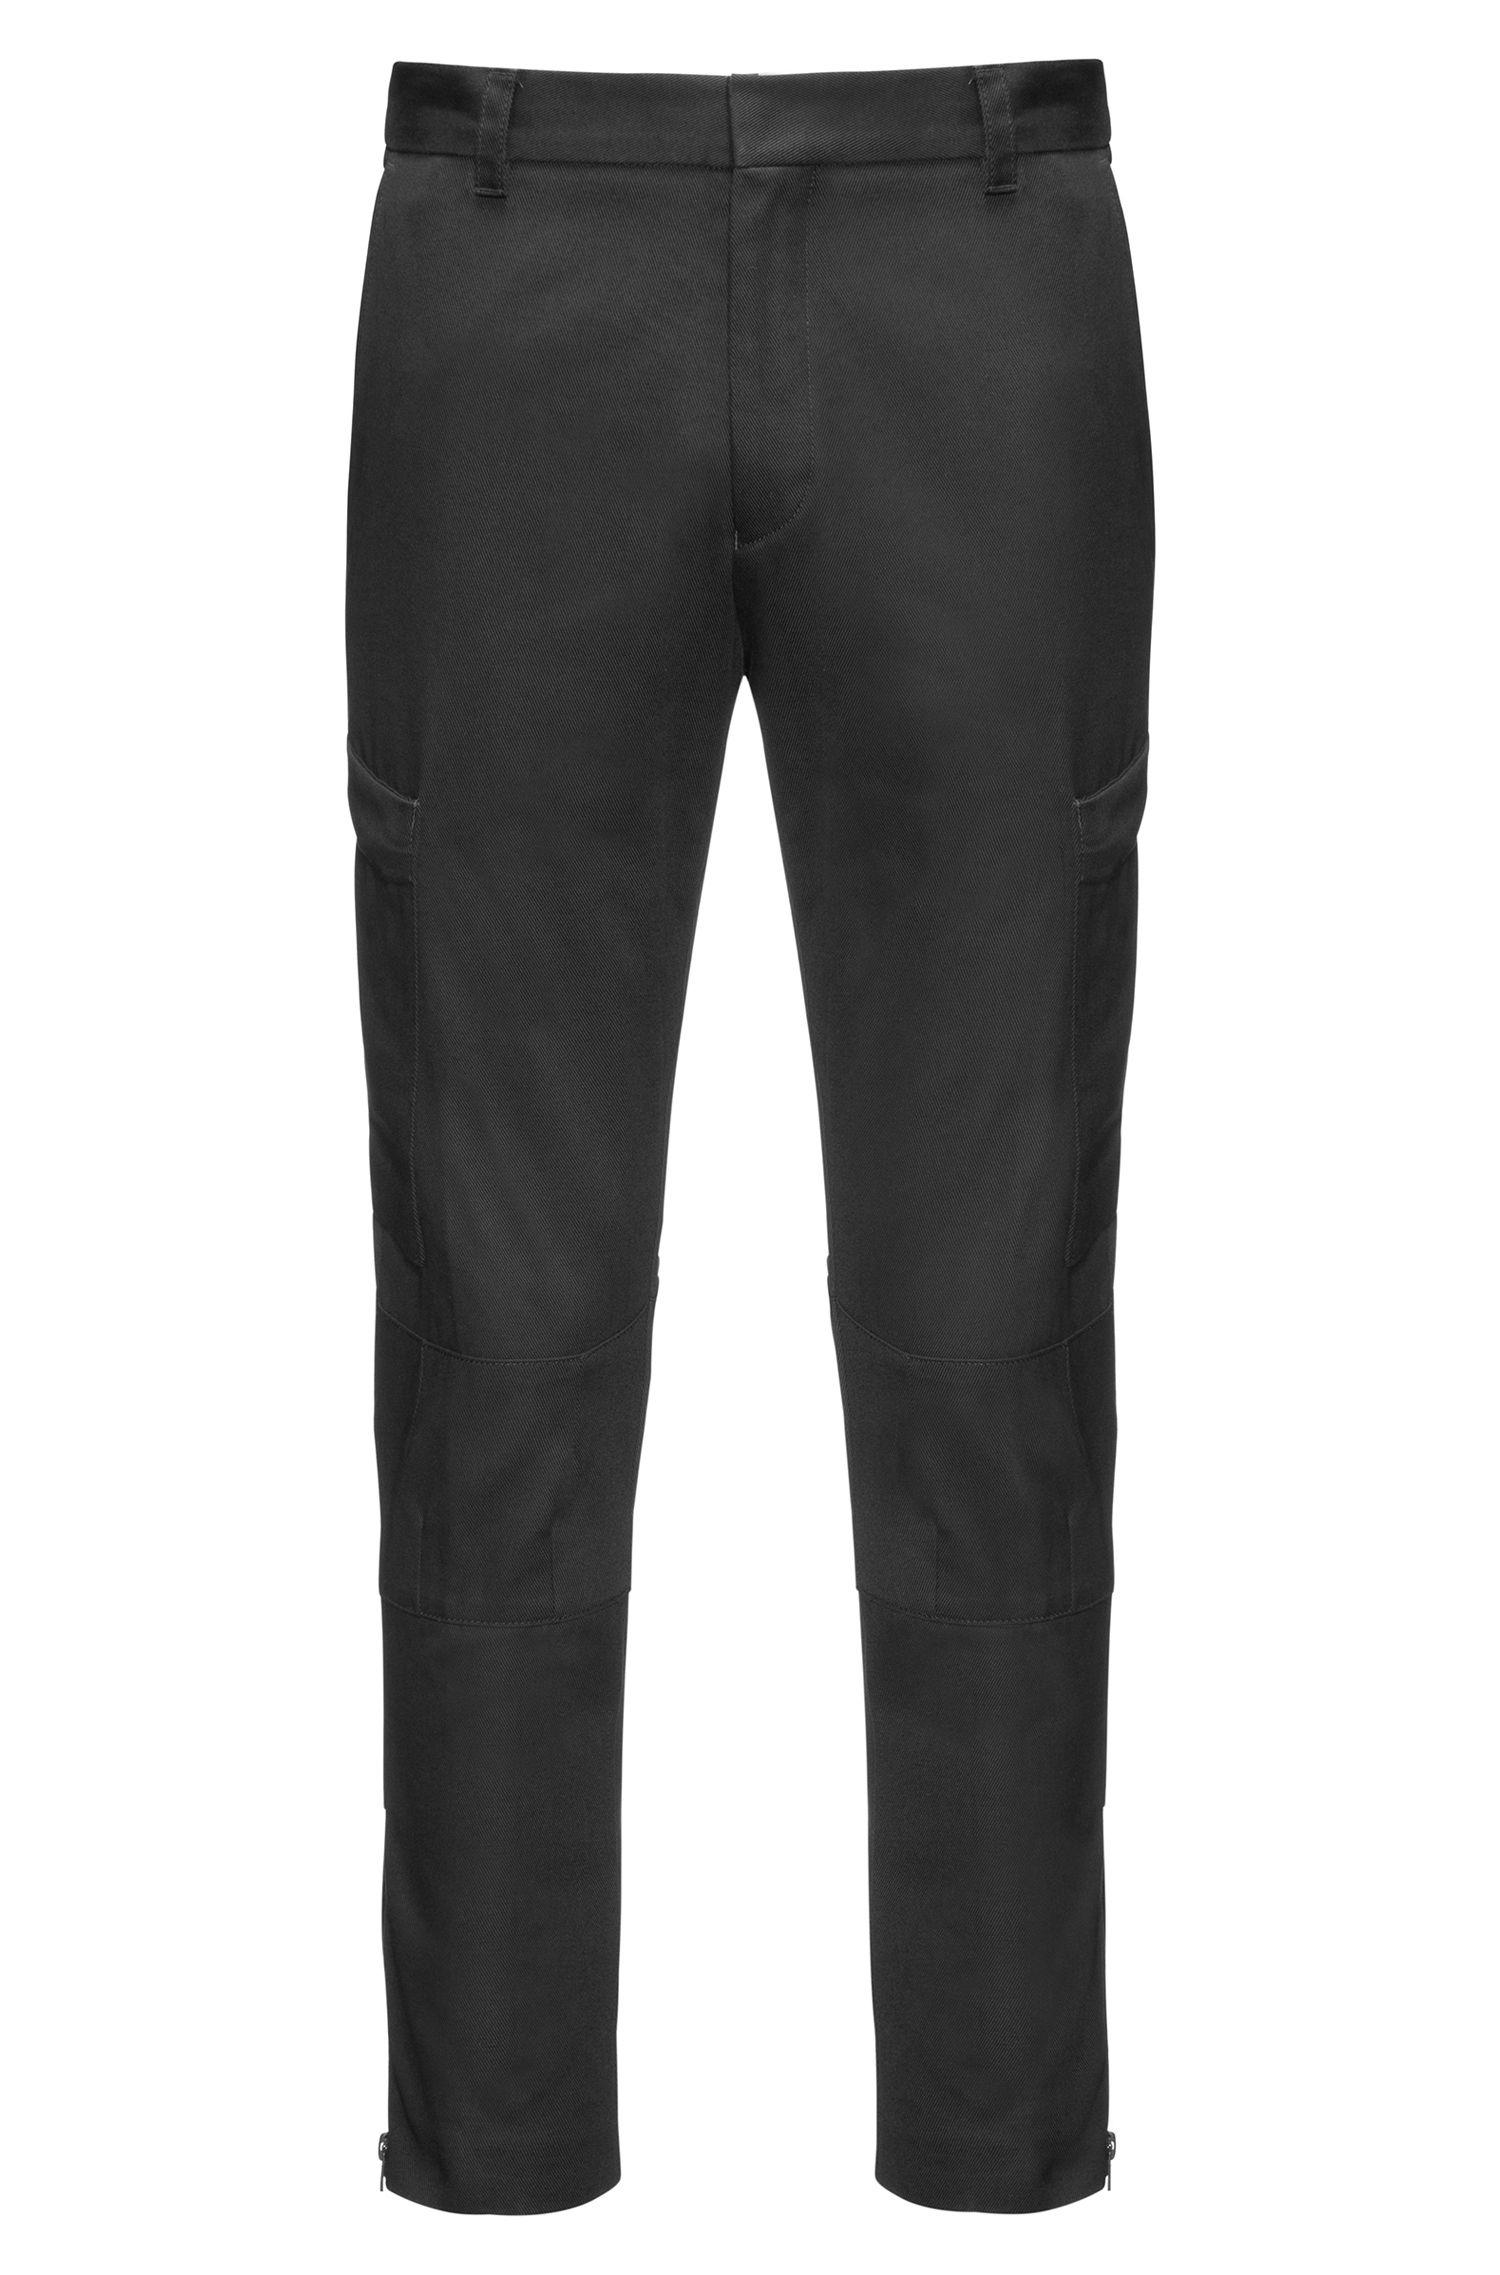 Pantaloni cargo slim fit in twill di cotone con zip sul fondo gamba